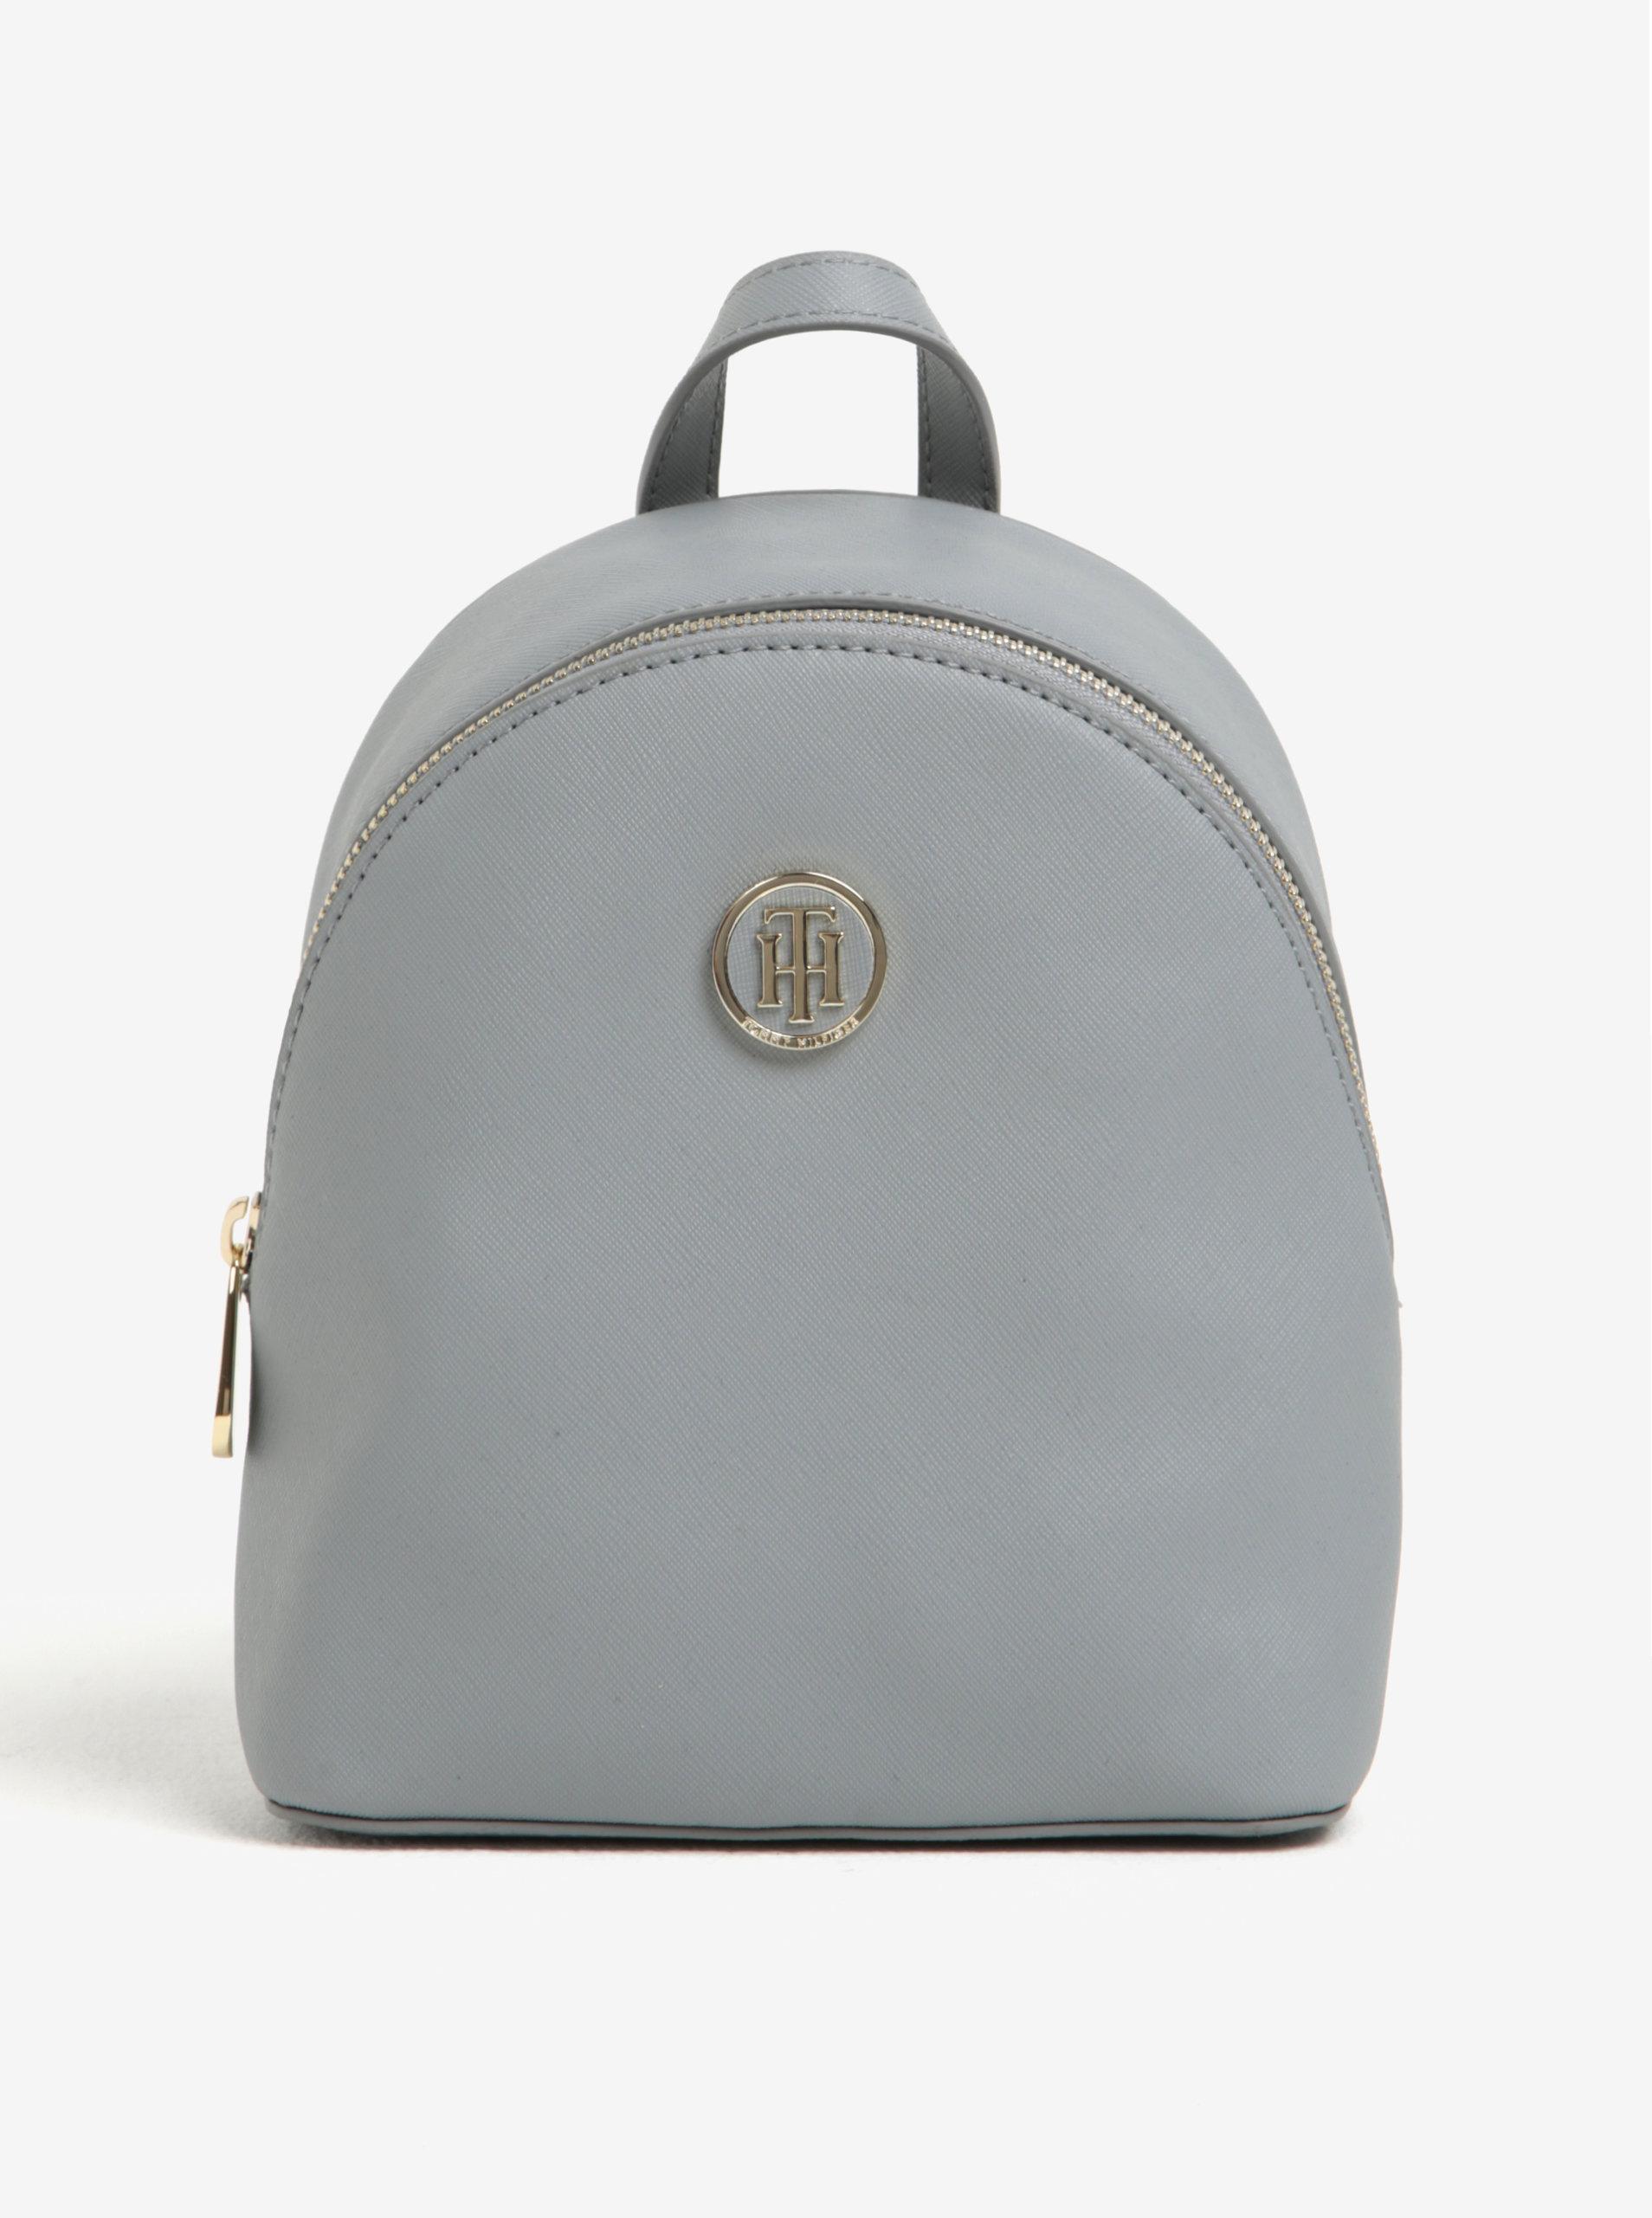 Světle šedý dámský malý batoh Tommy Hilfiger ... 9364e79594d